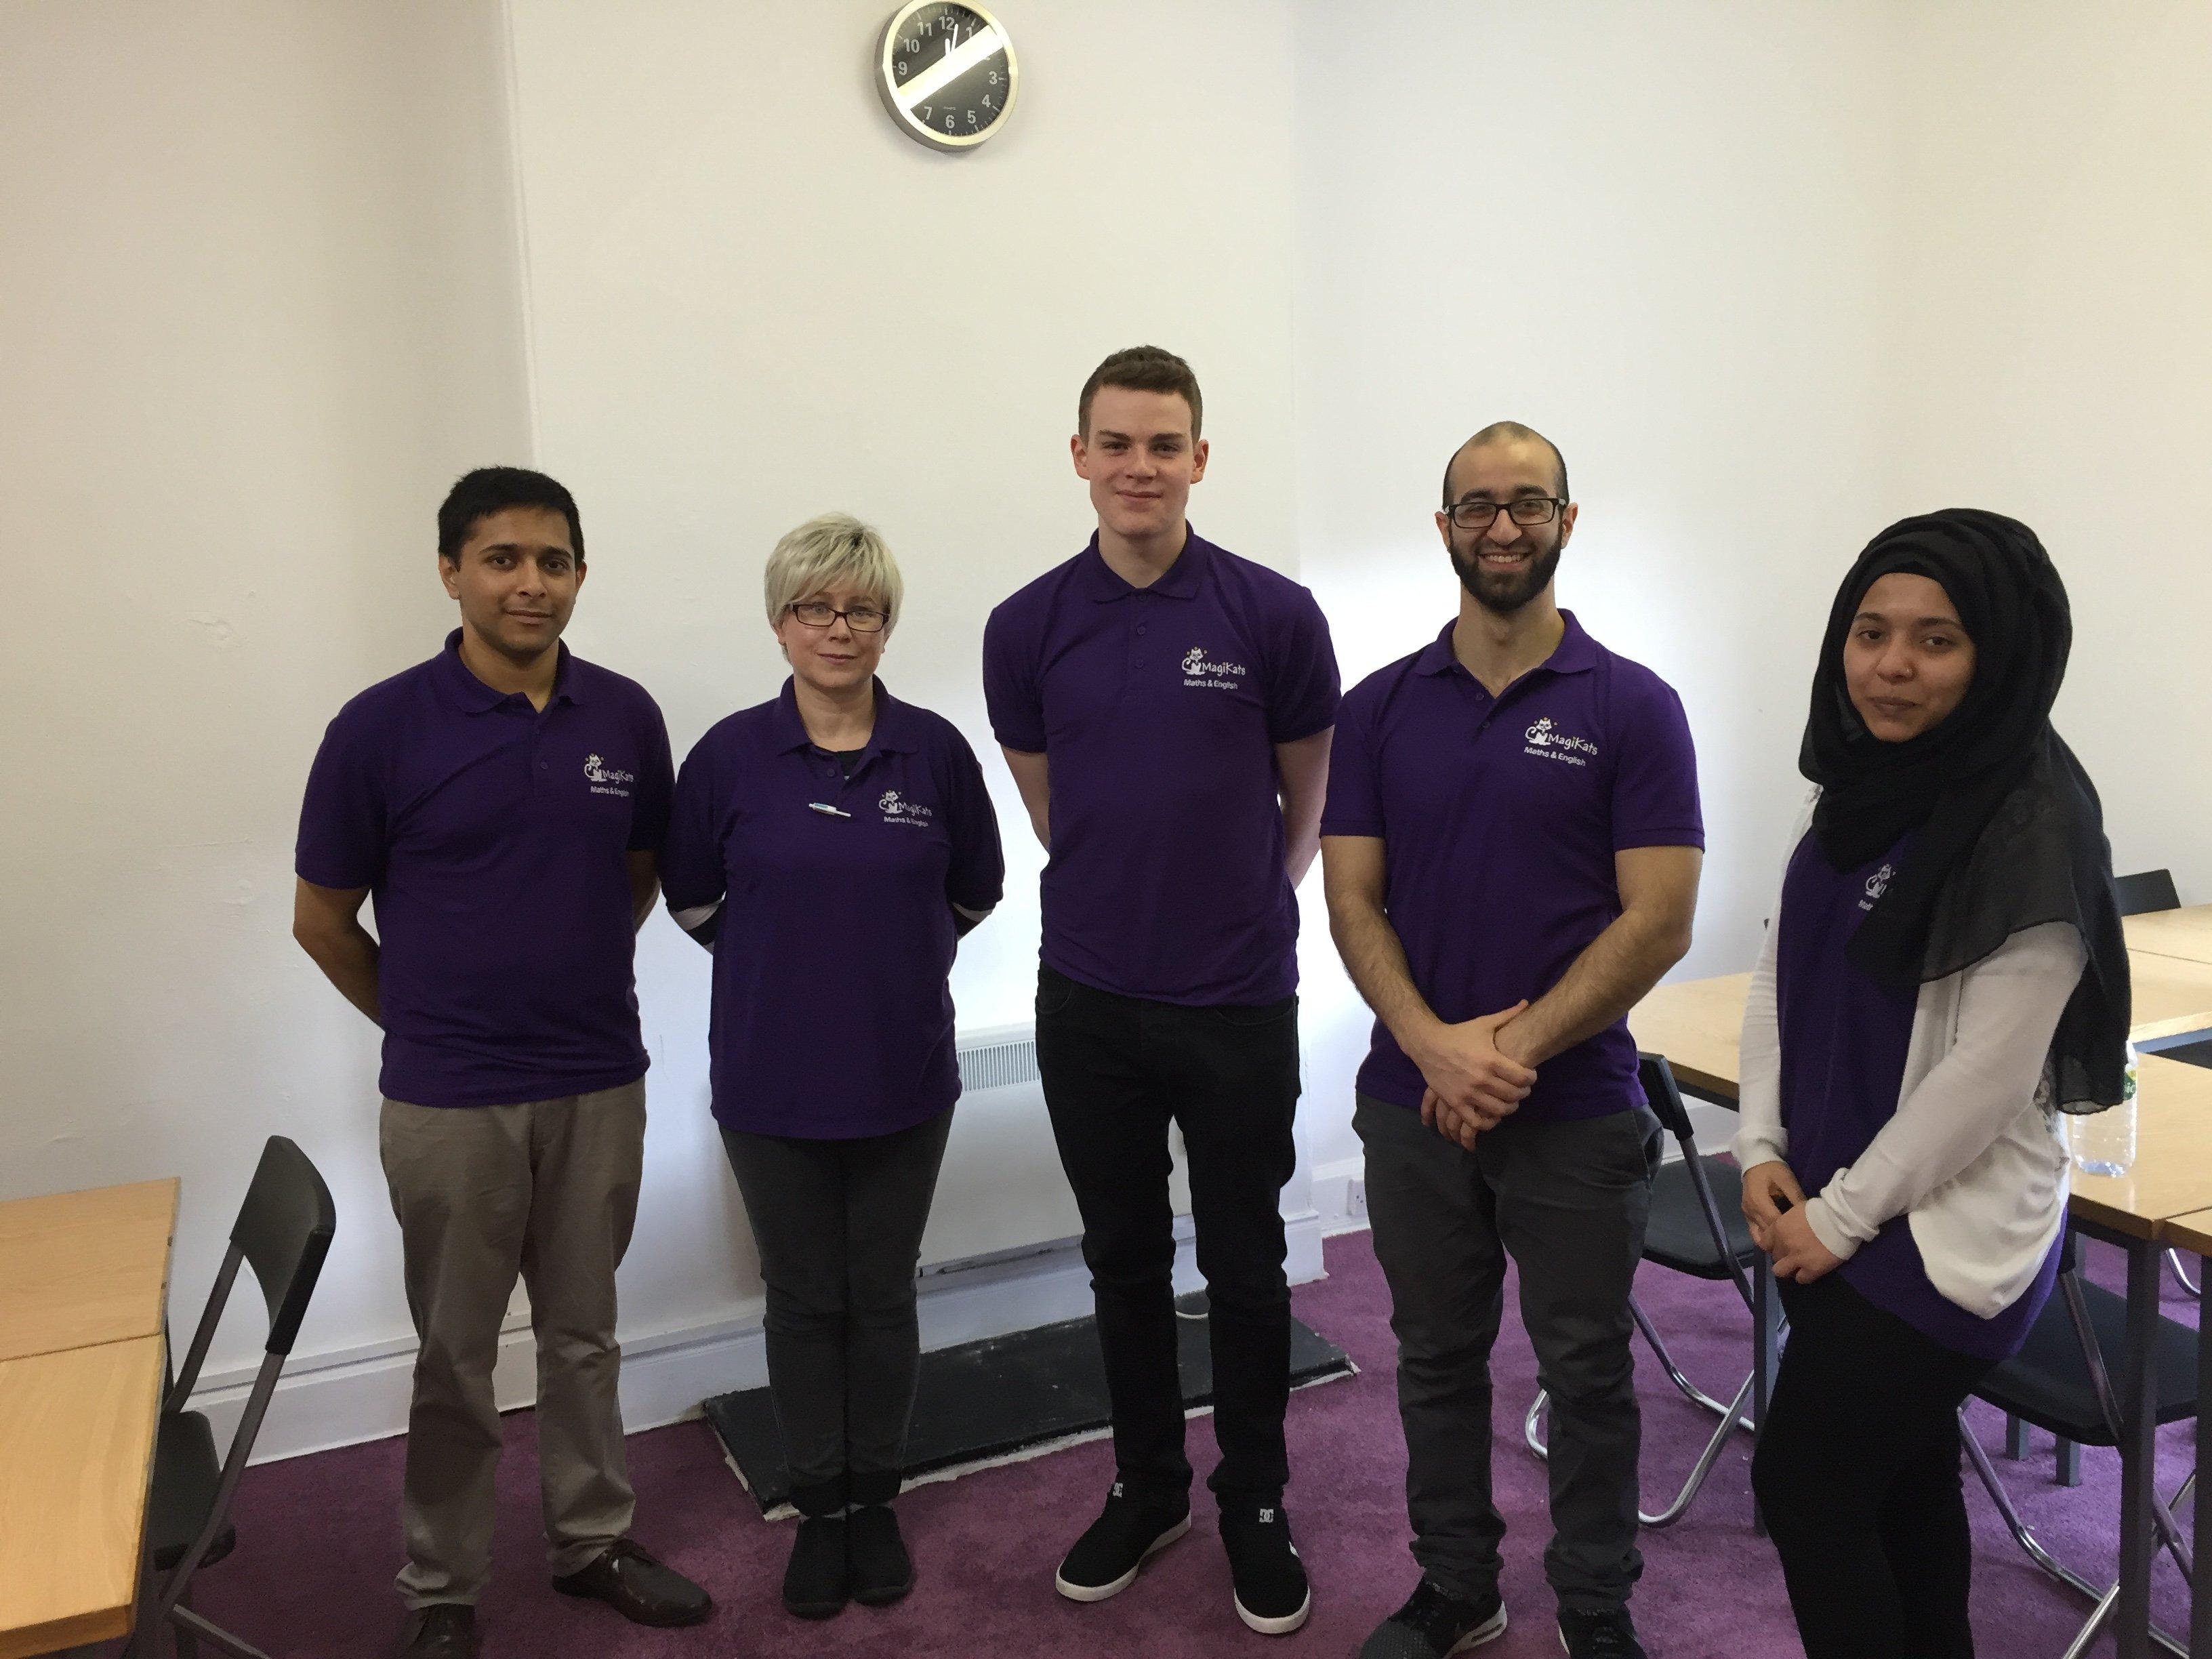 The staff at MagiKats Edinburgh East